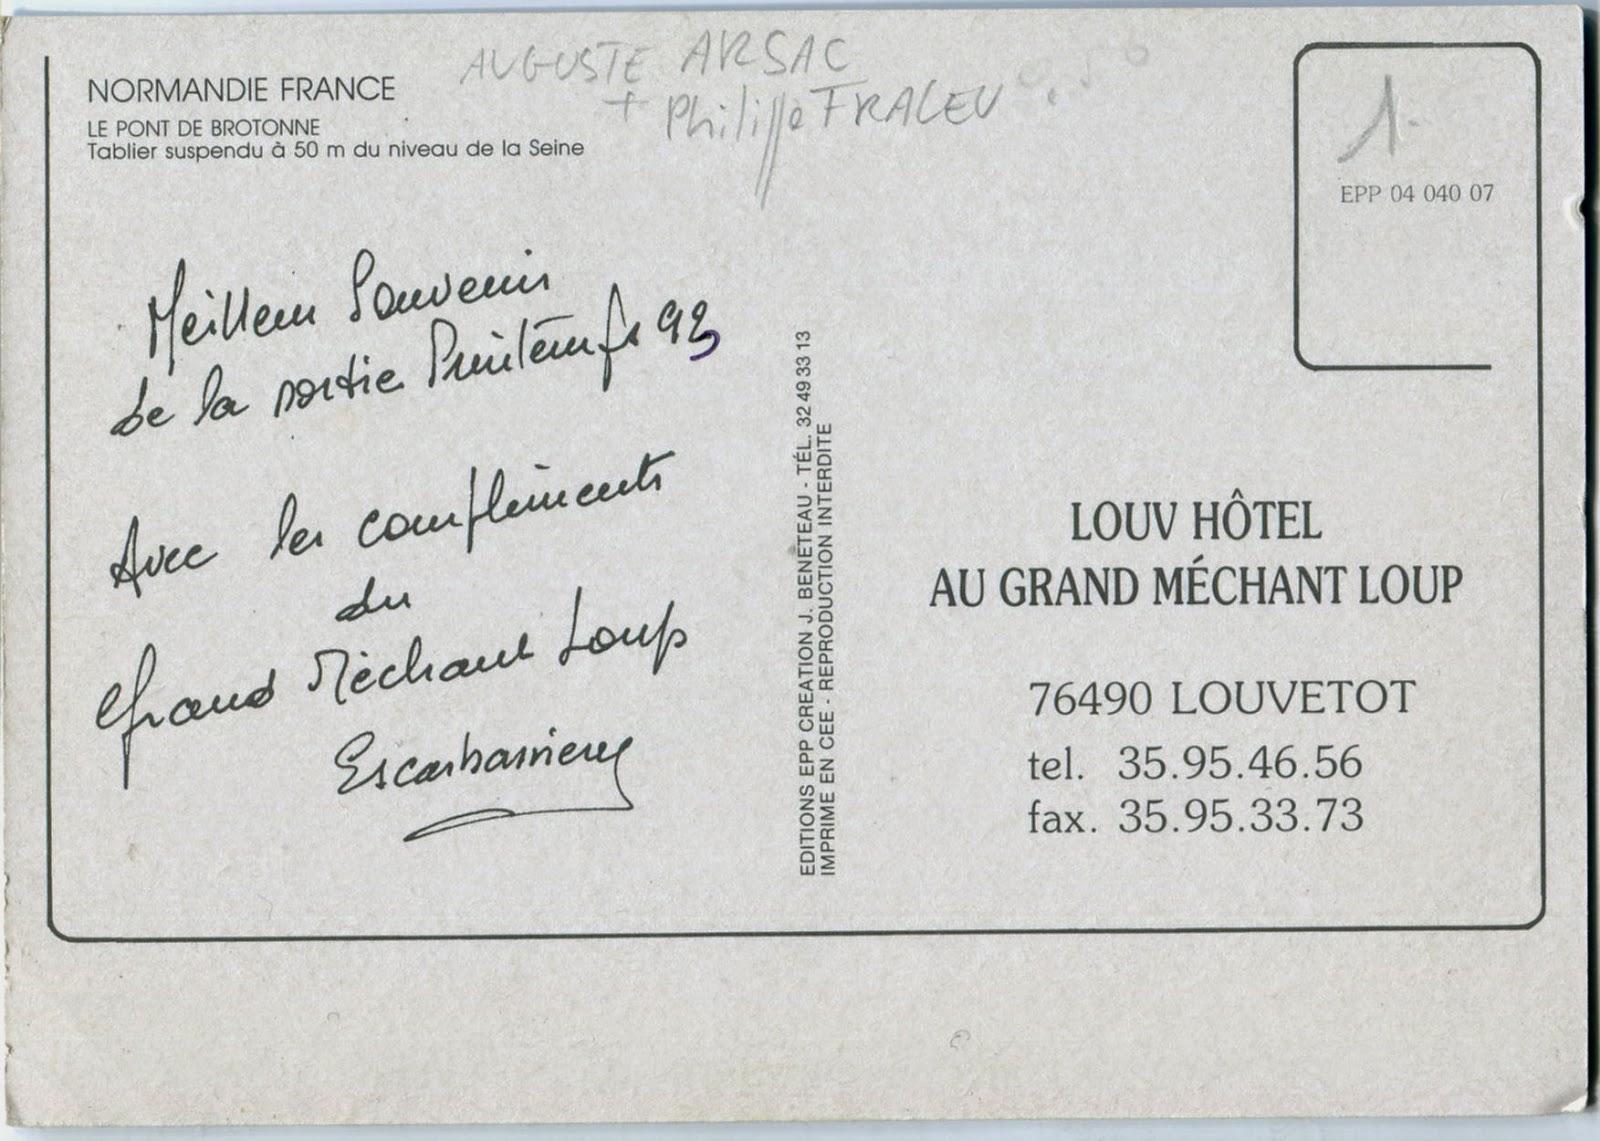 texte marrant pour carte postale Architectures de Cartes Postales 2